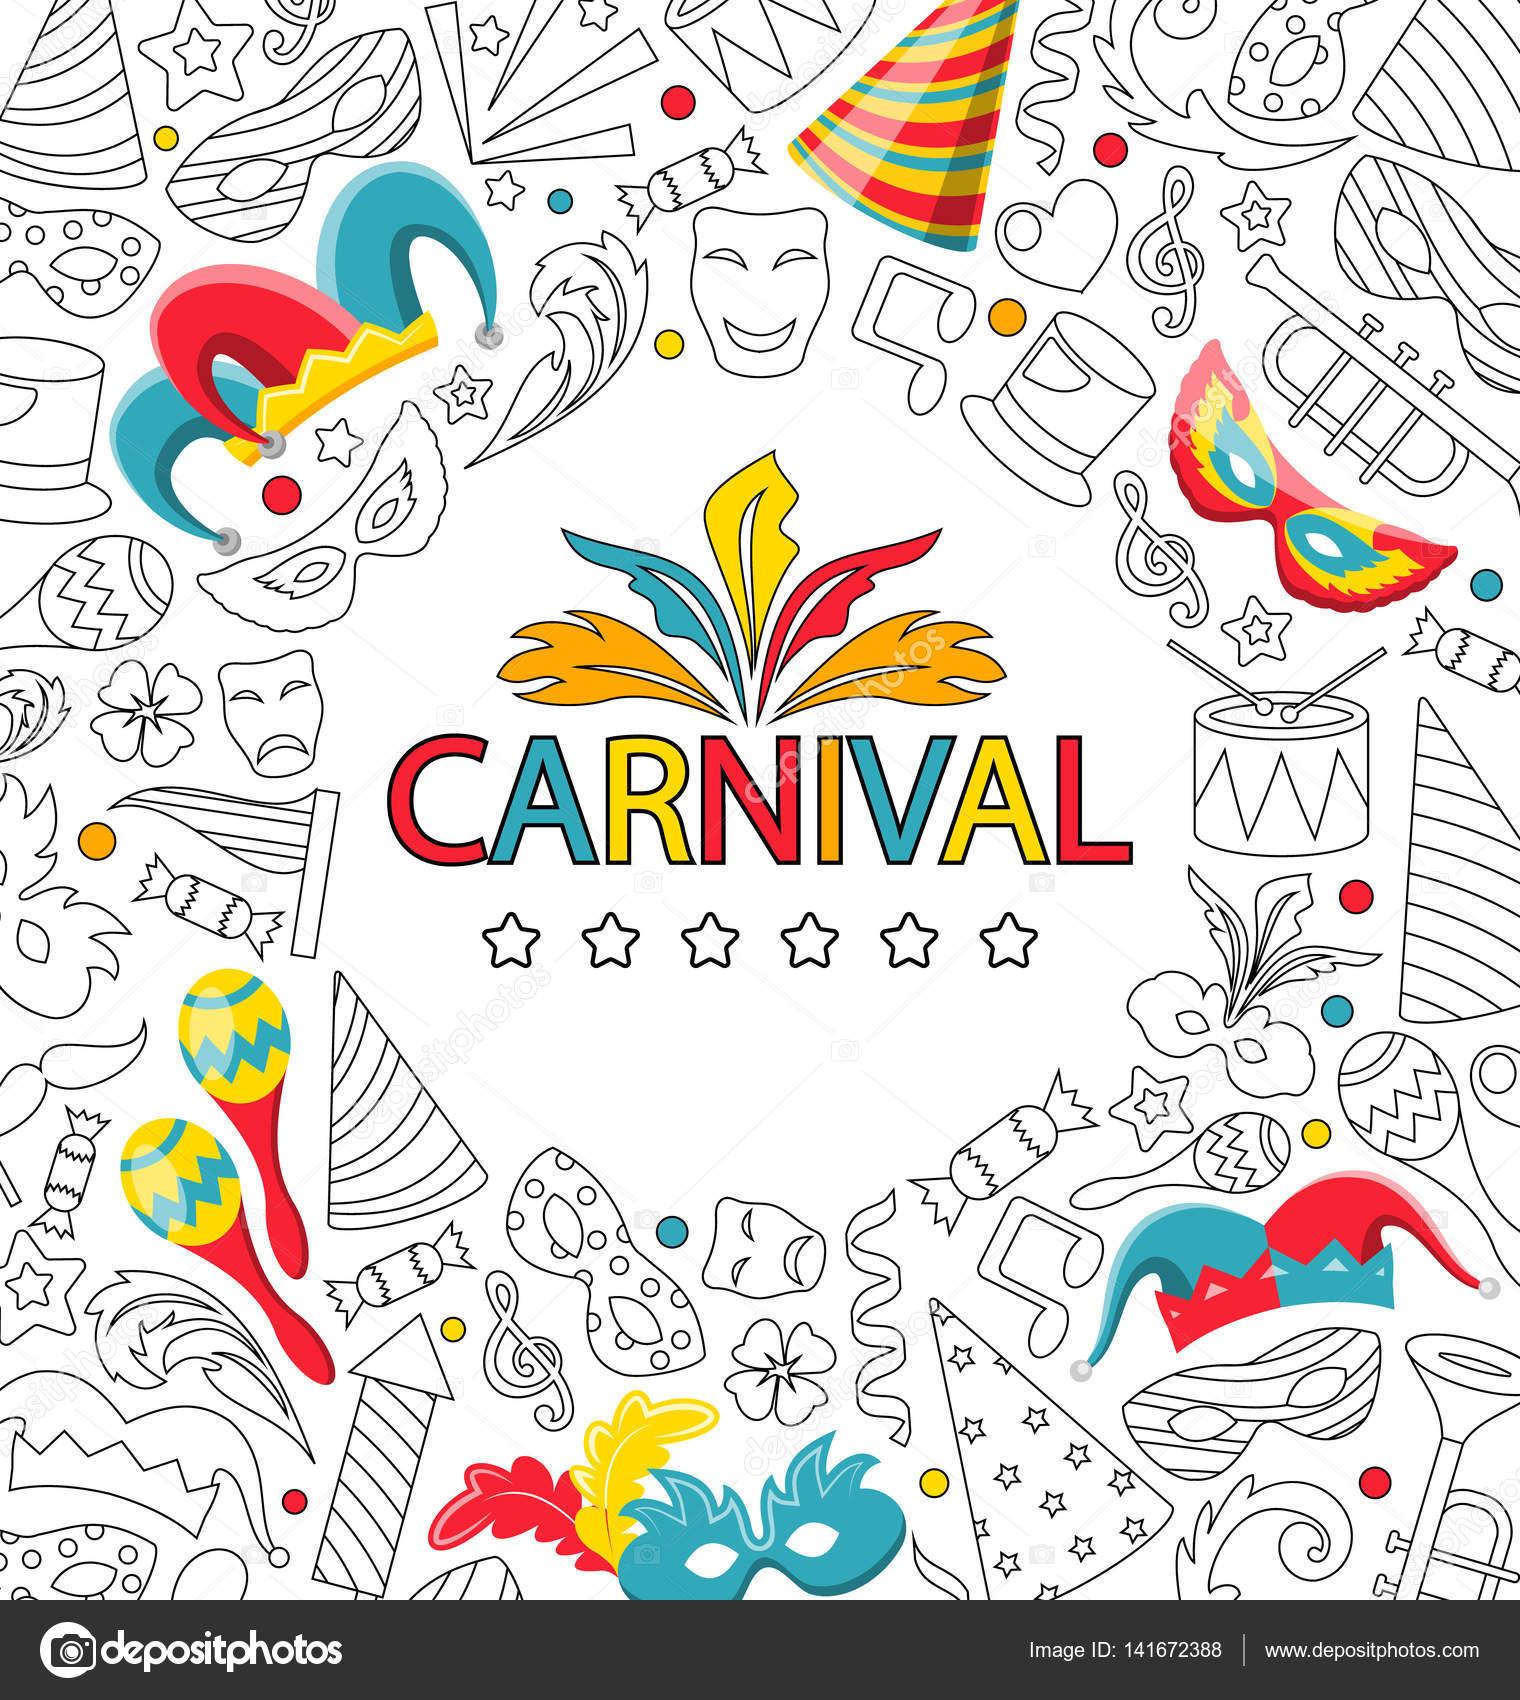 Resultado de imagen de carnaval dibujo